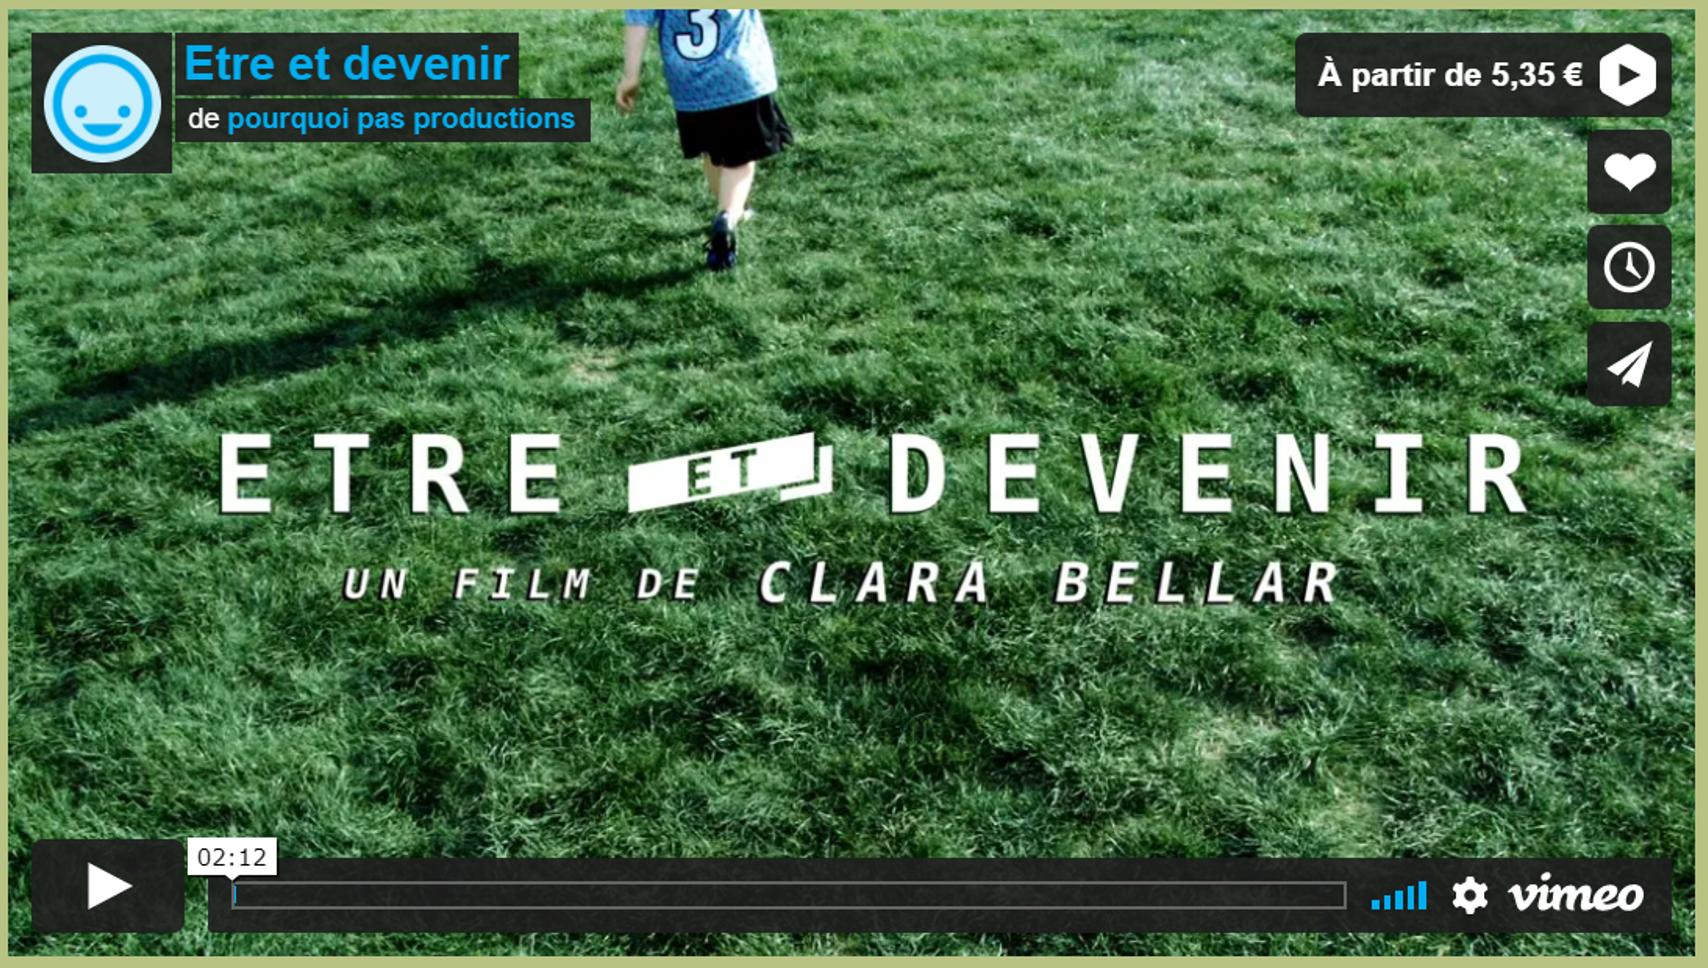 Etre et devenir : un documentaire fascinant!